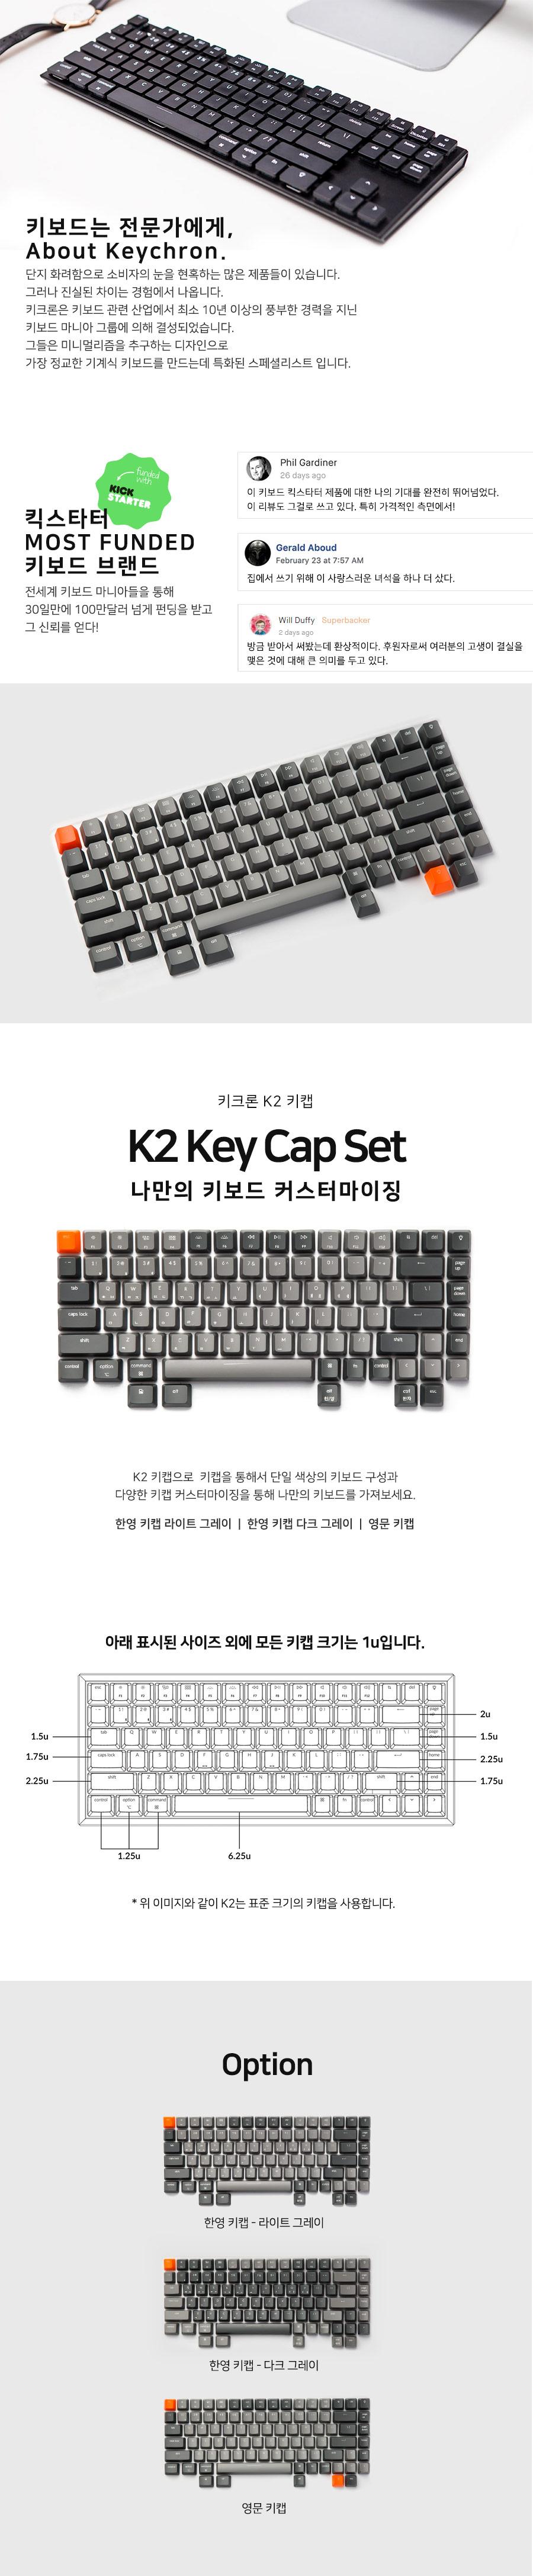 Keychron K2용 한글 키캡 (다크그레이)